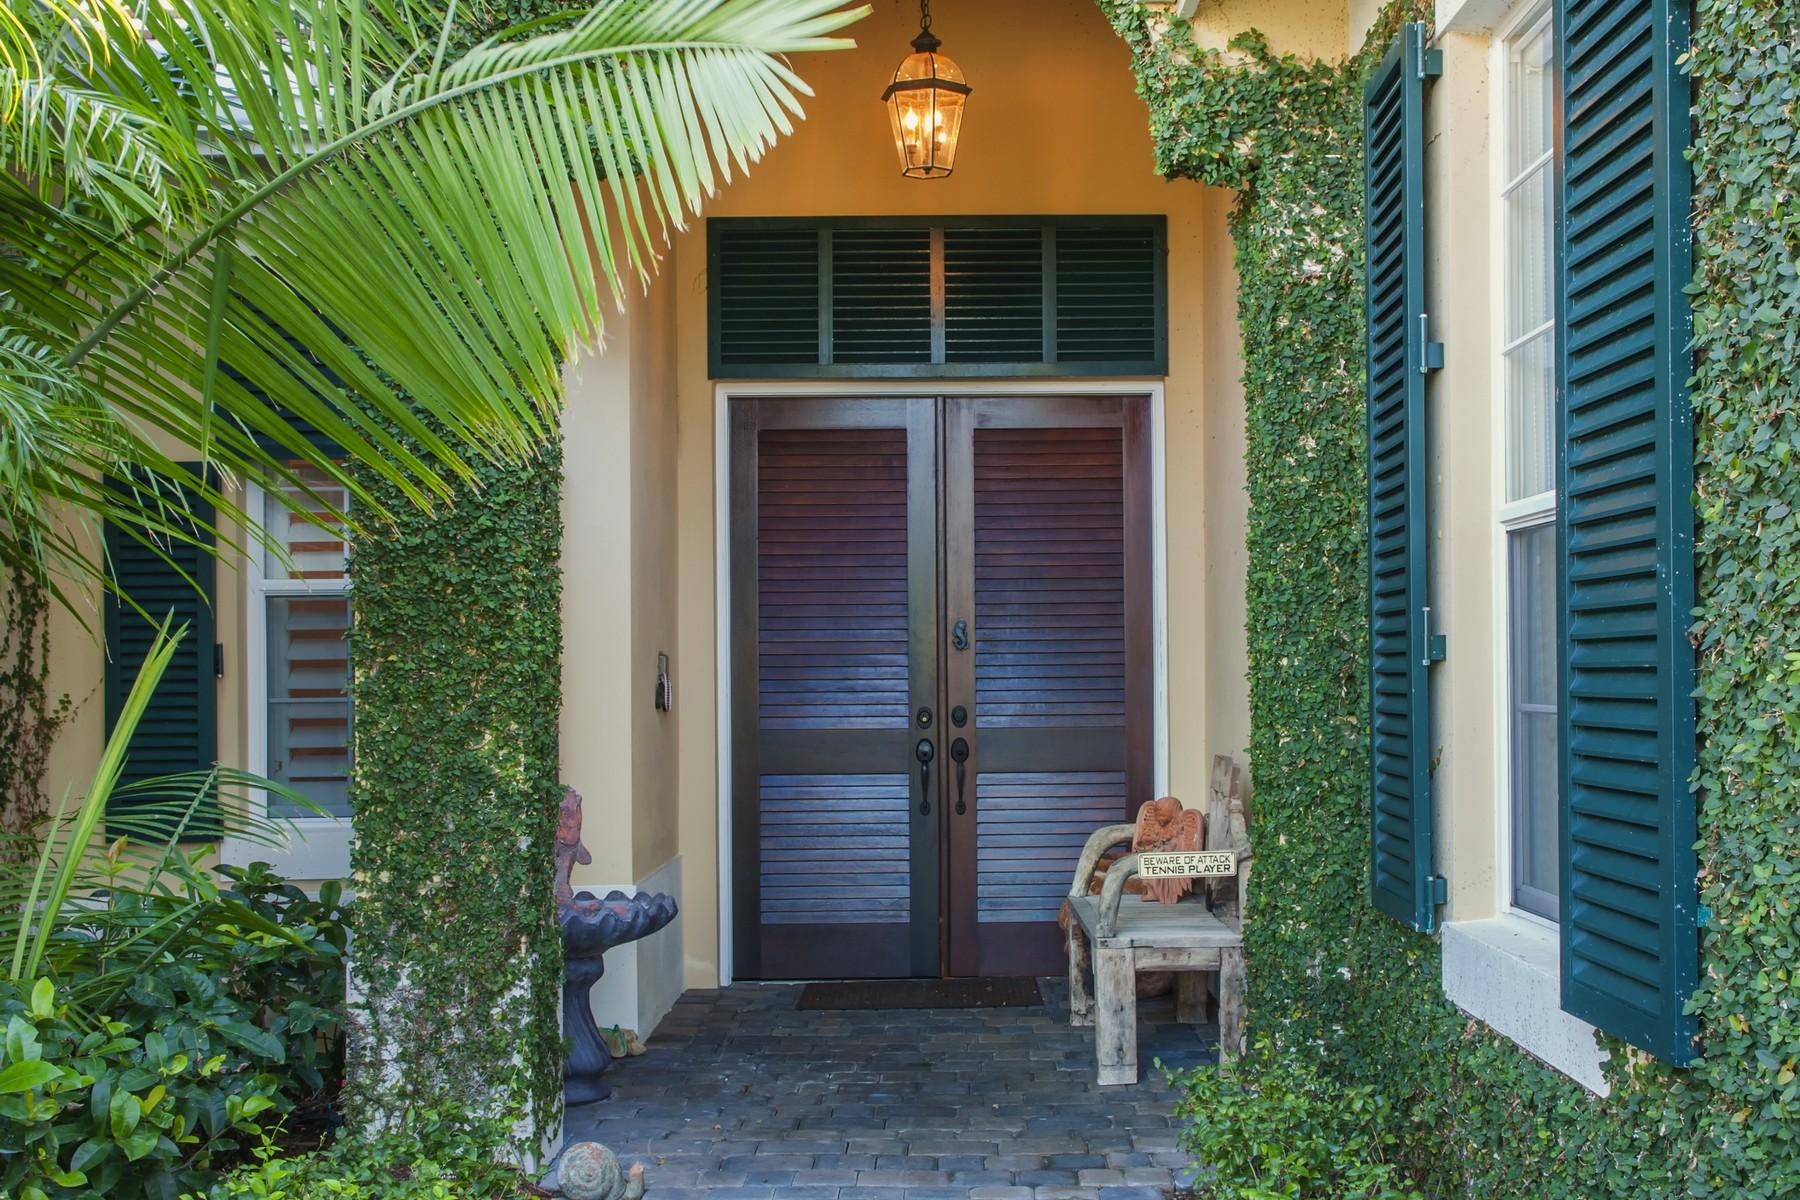 独户住宅 为 销售 在 Azalea Courtyard Pool Home 9190 Spring Time Dr 维罗海滩, 佛罗里达州, 32963 美国